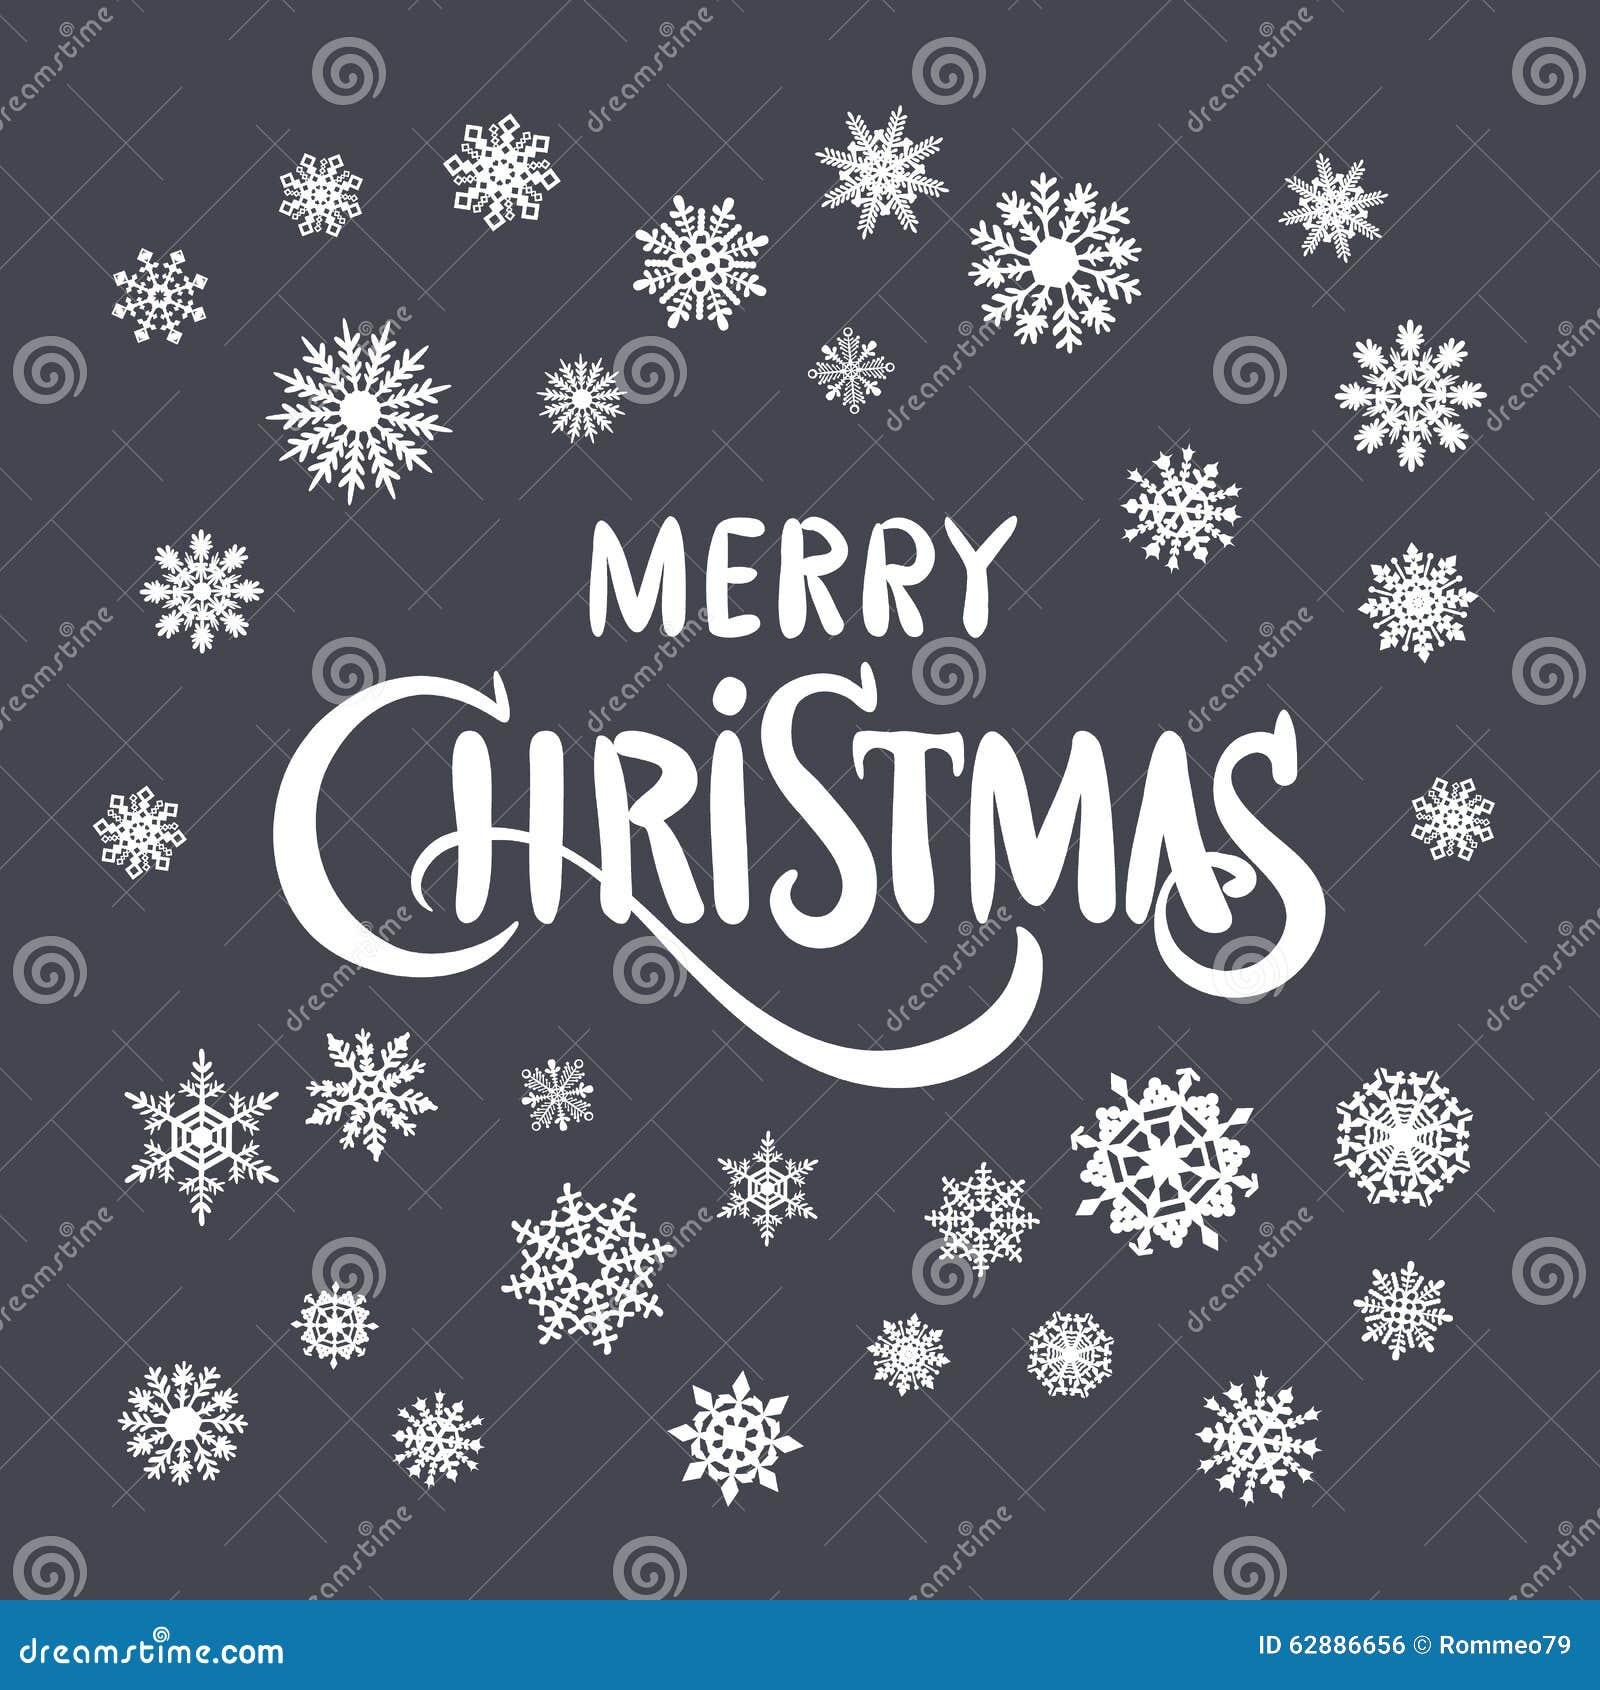 Weinlese Weihnachten Und Neues Jahr typografischer Hintergrund Auf Tafel Mit Kreide Vektor